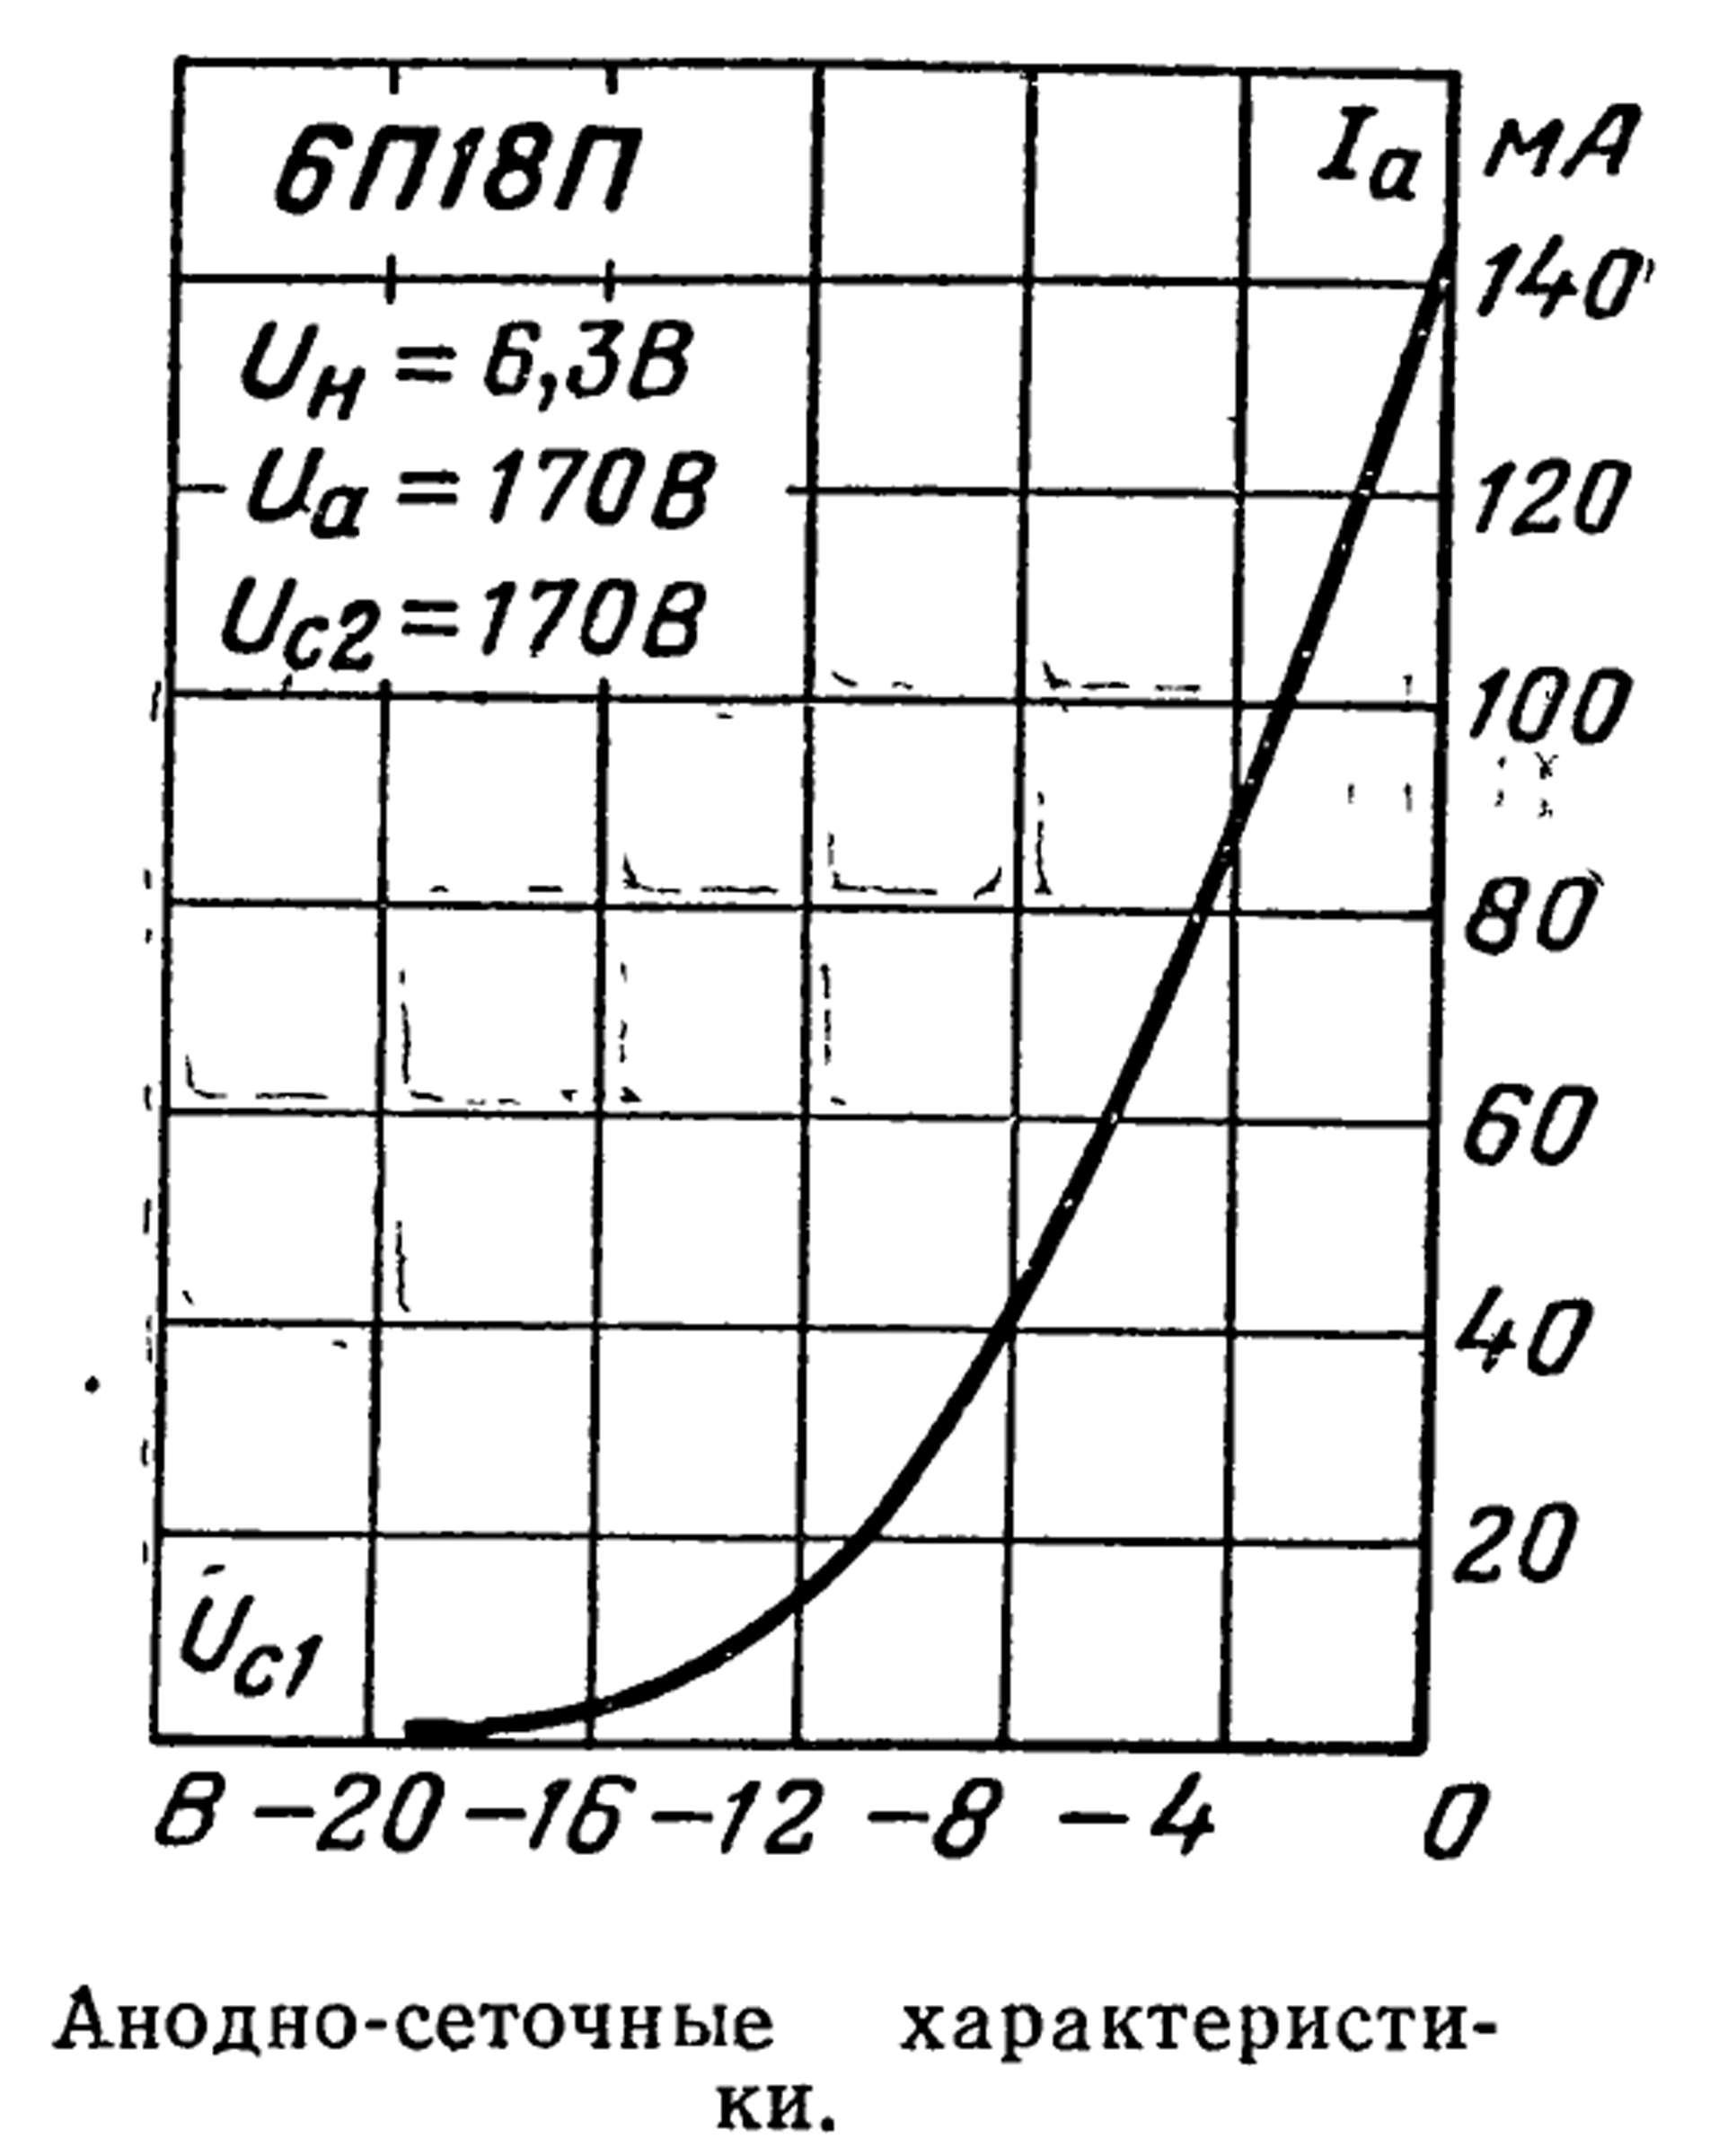 Параметры радиолампы 6П18П